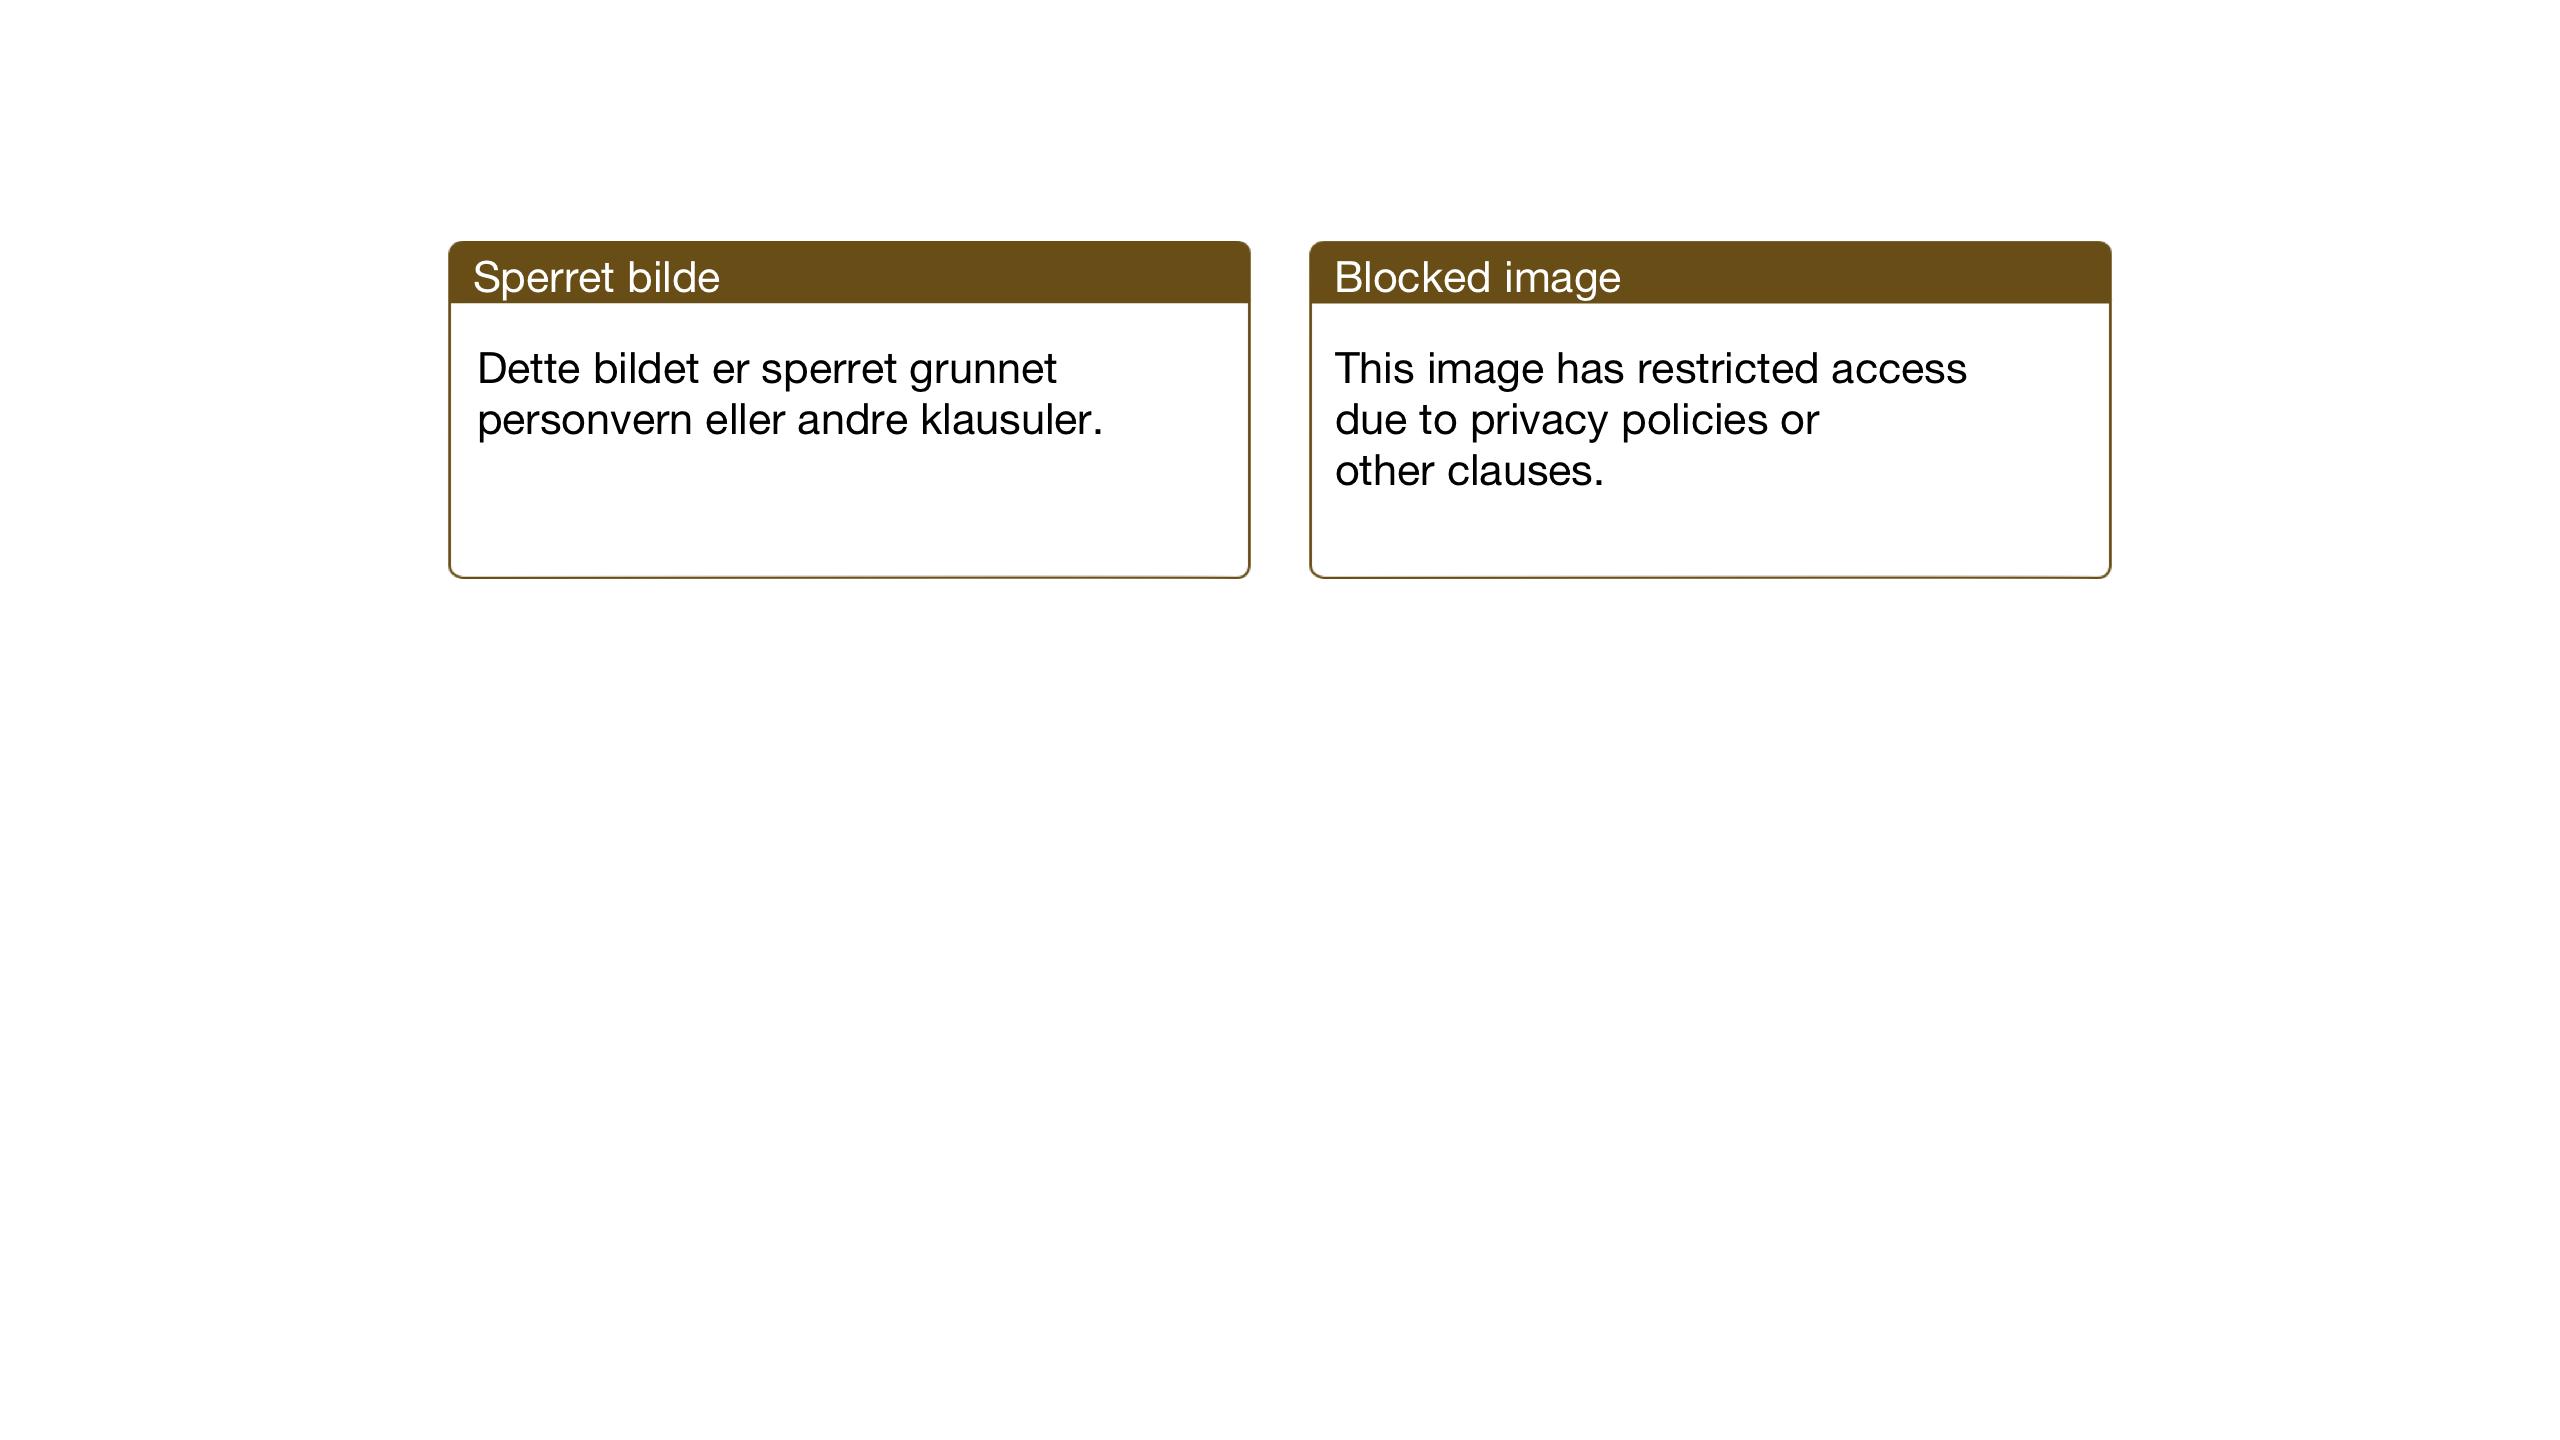 SAT, Ministerialprotokoller, klokkerbøker og fødselsregistre - Sør-Trøndelag, 682/L0947: Klokkerbok nr. 682C01, 1926-1968, s. 90